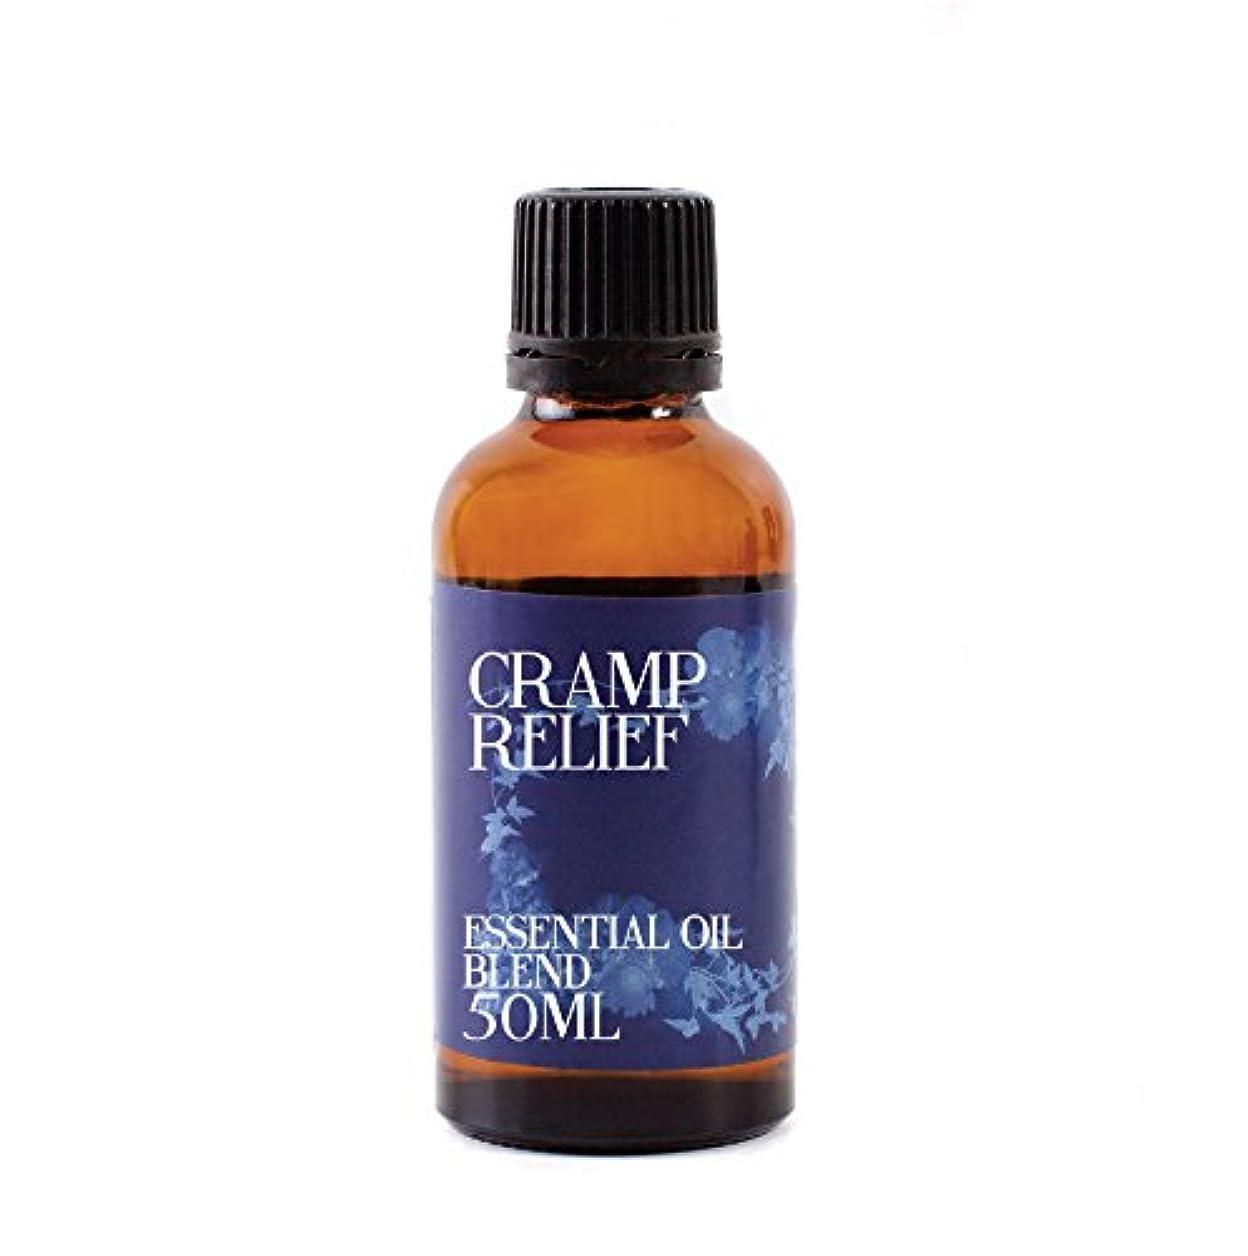 トランク簡略化する田舎者Mystix London | Cramp Relief Essential Oil Blend - 50ml - 100% Pure